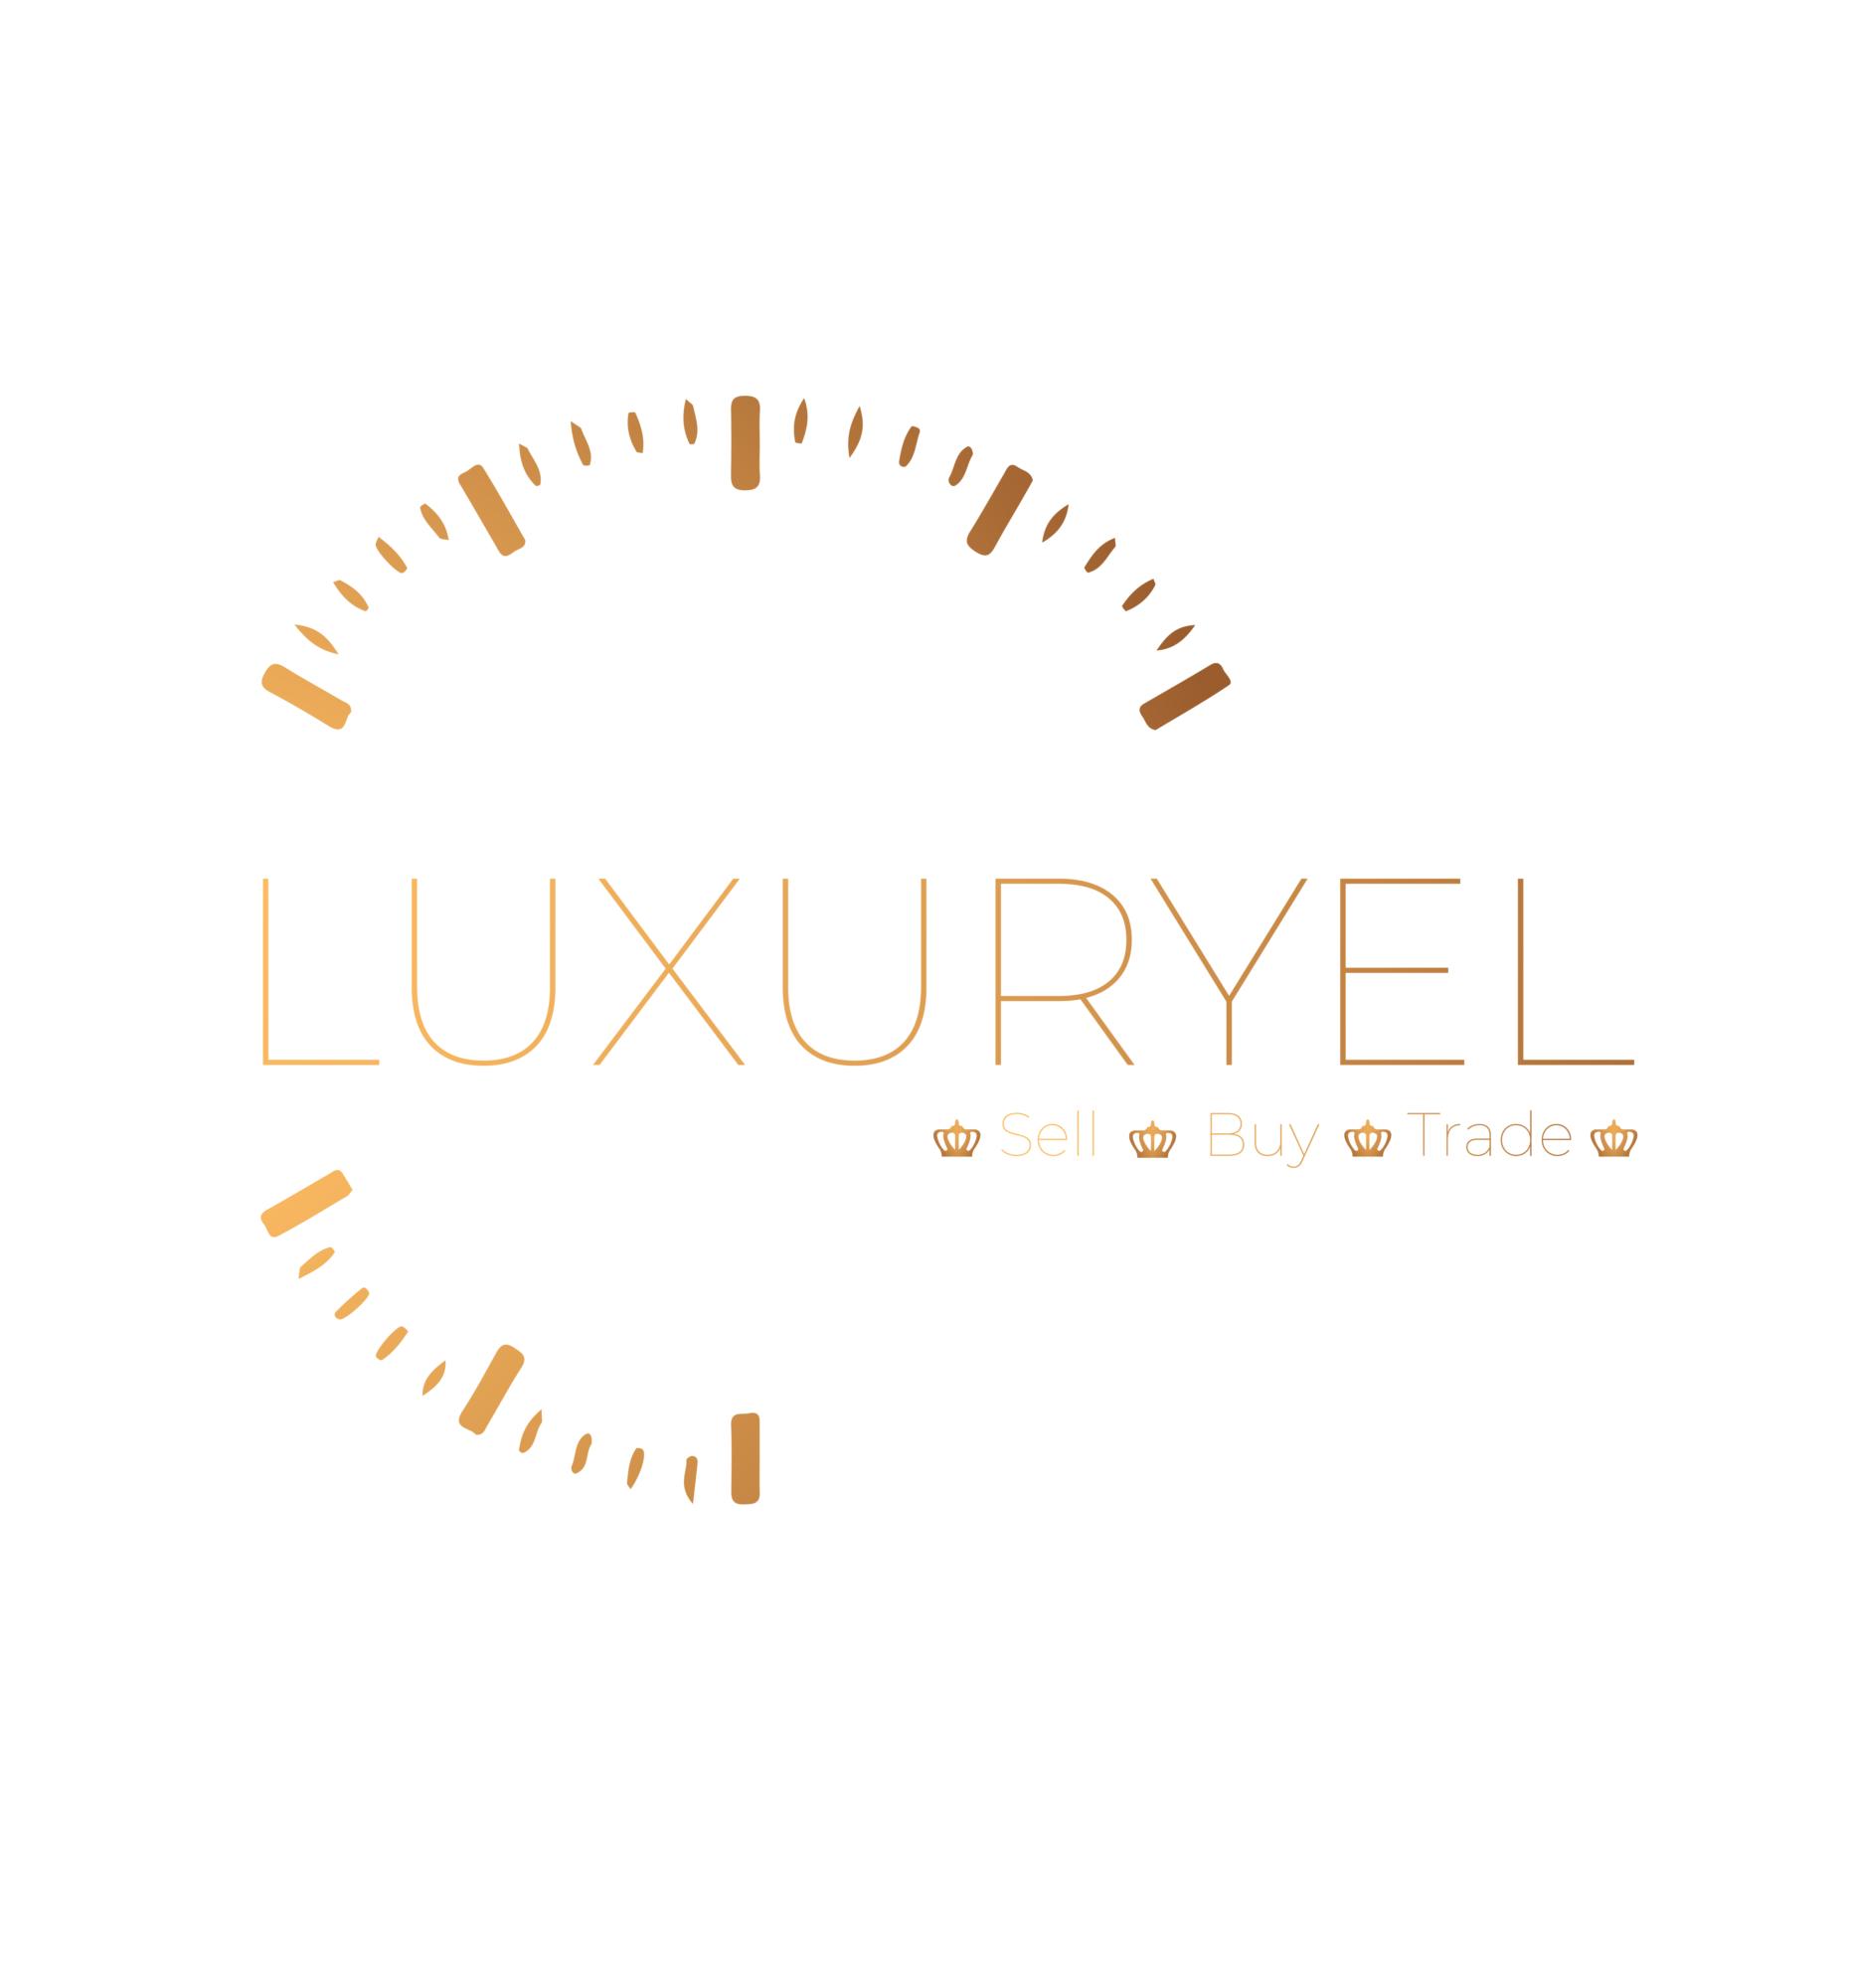 Luxuryel - MondaniWeb